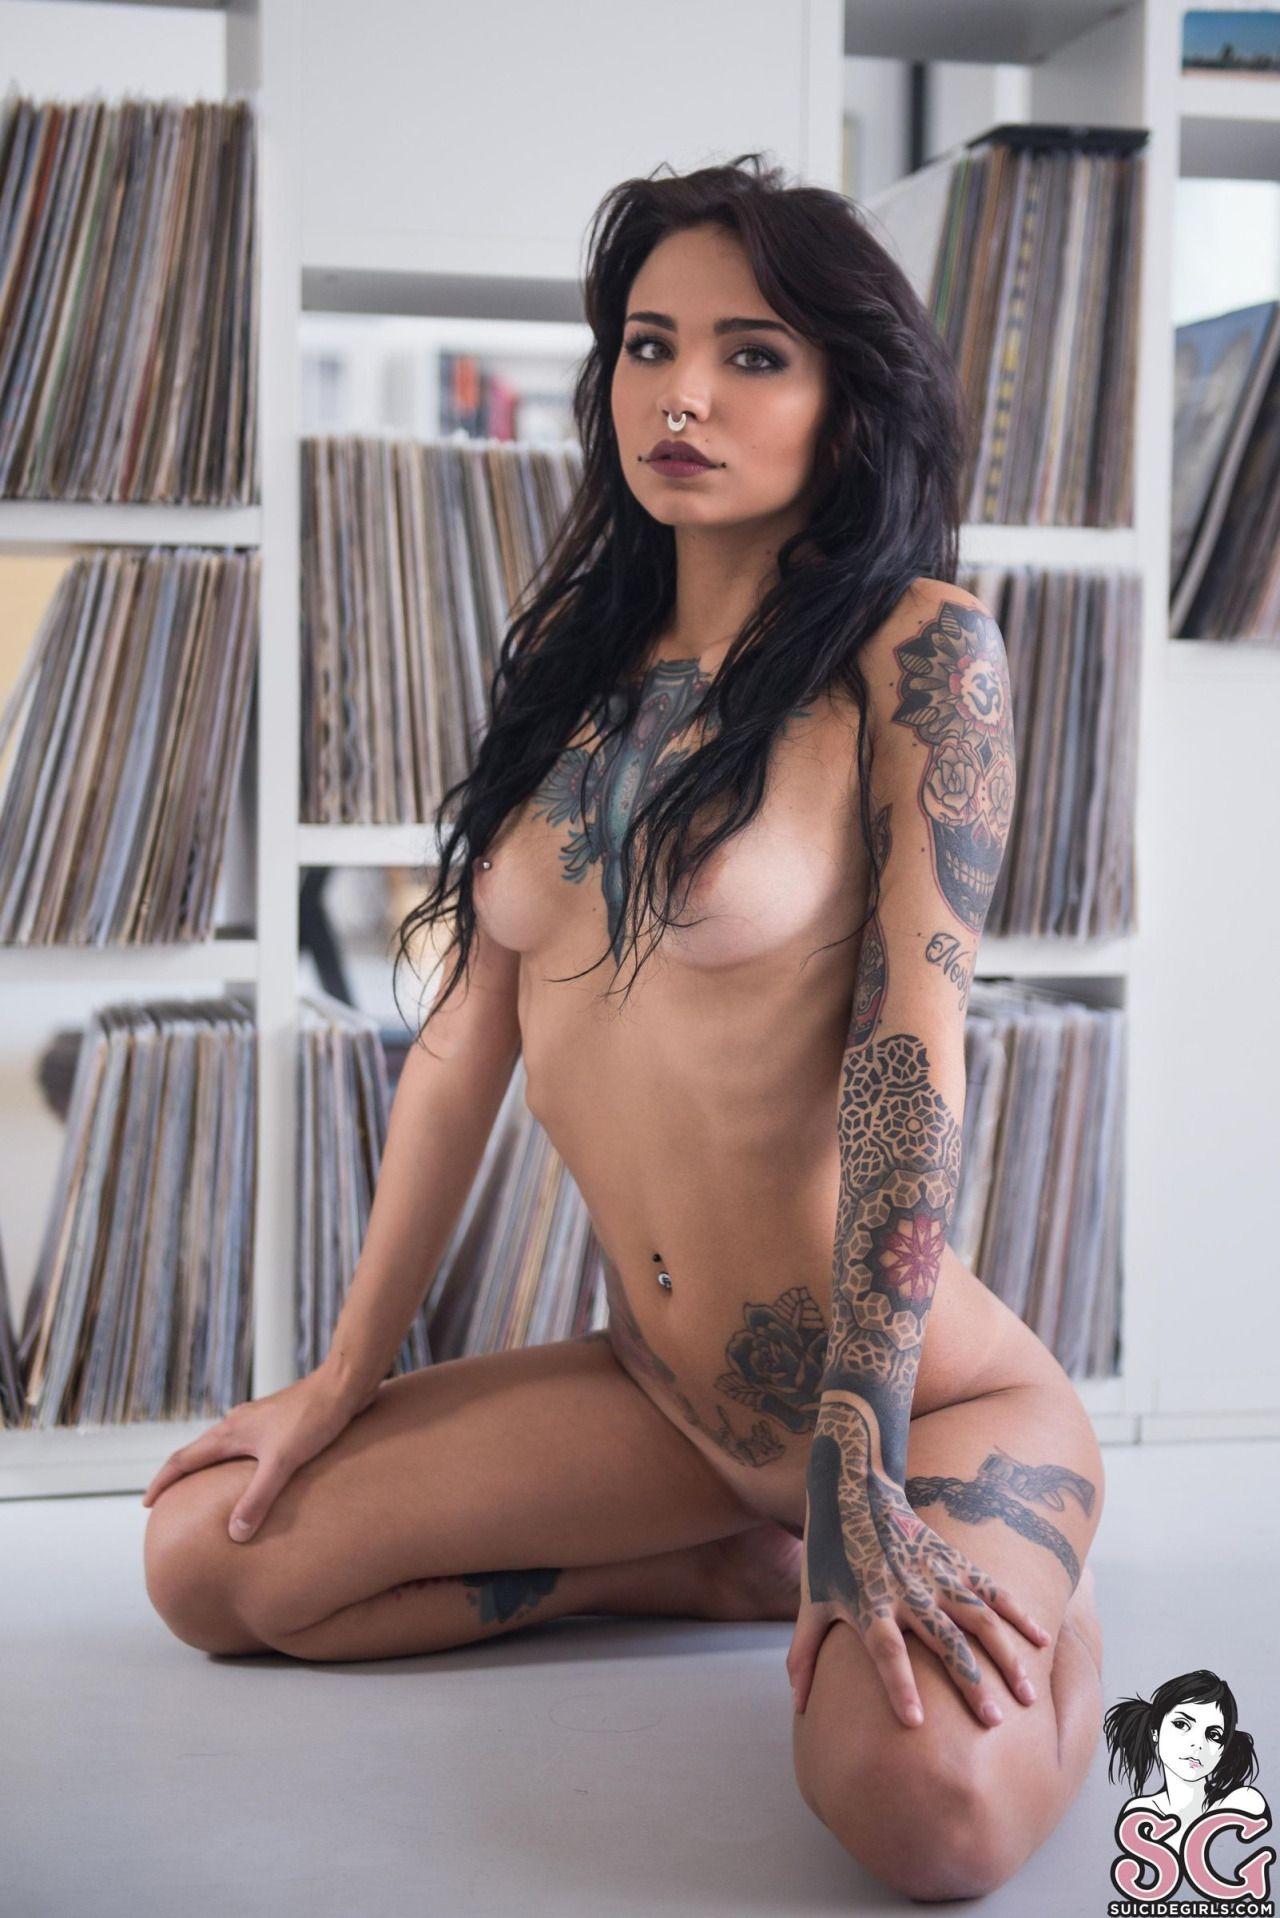 korean virgin naked photos